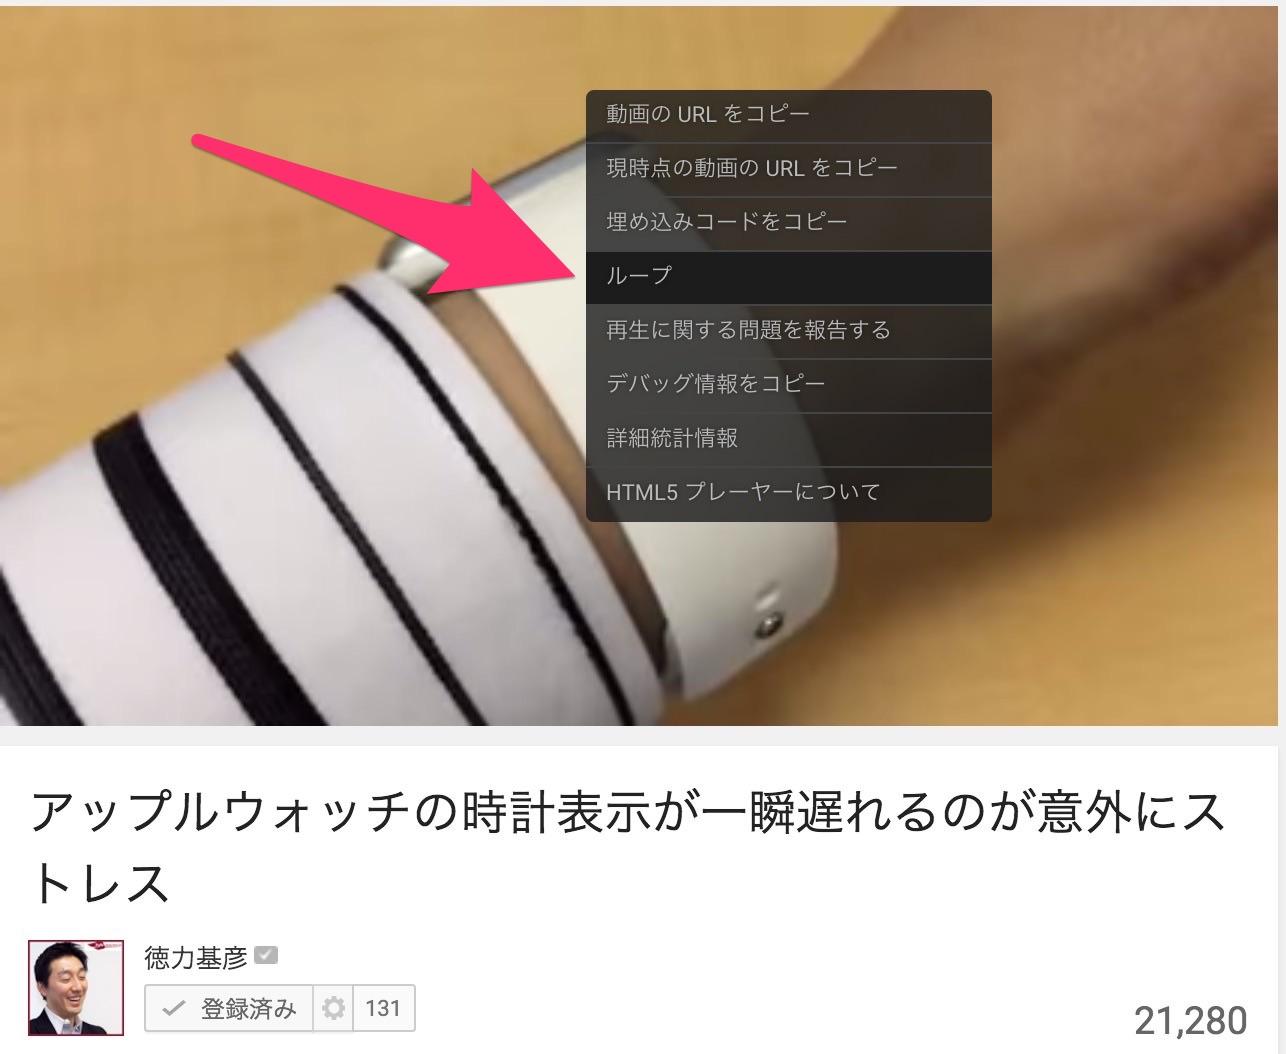 【YouTube】右クリックで動画をループ再生する